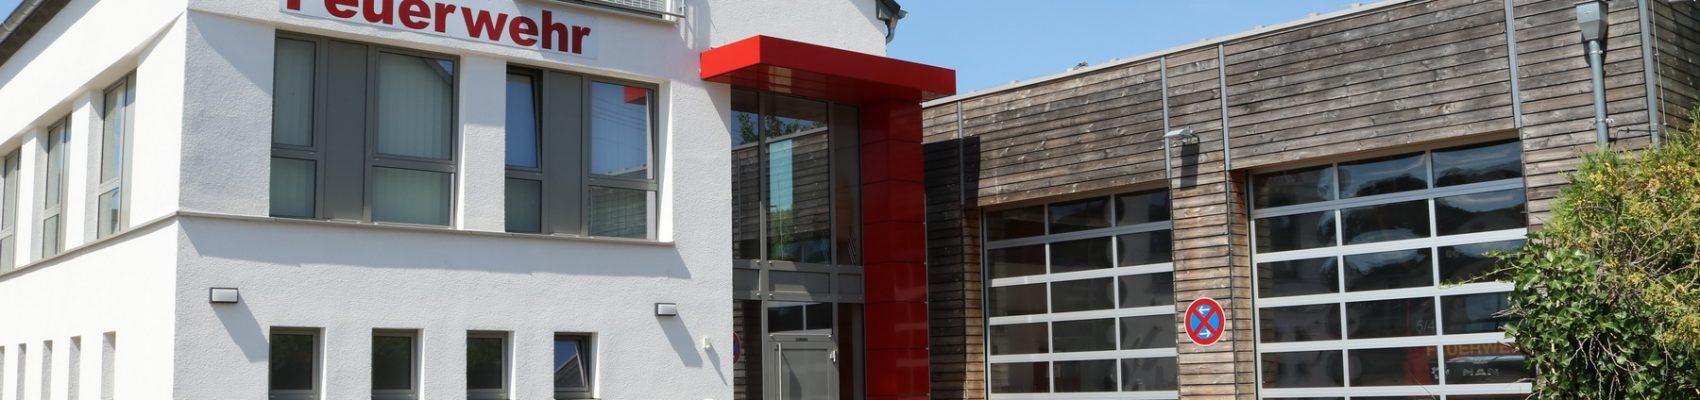 Feuerwehr Gerätehaus Schwemlingen